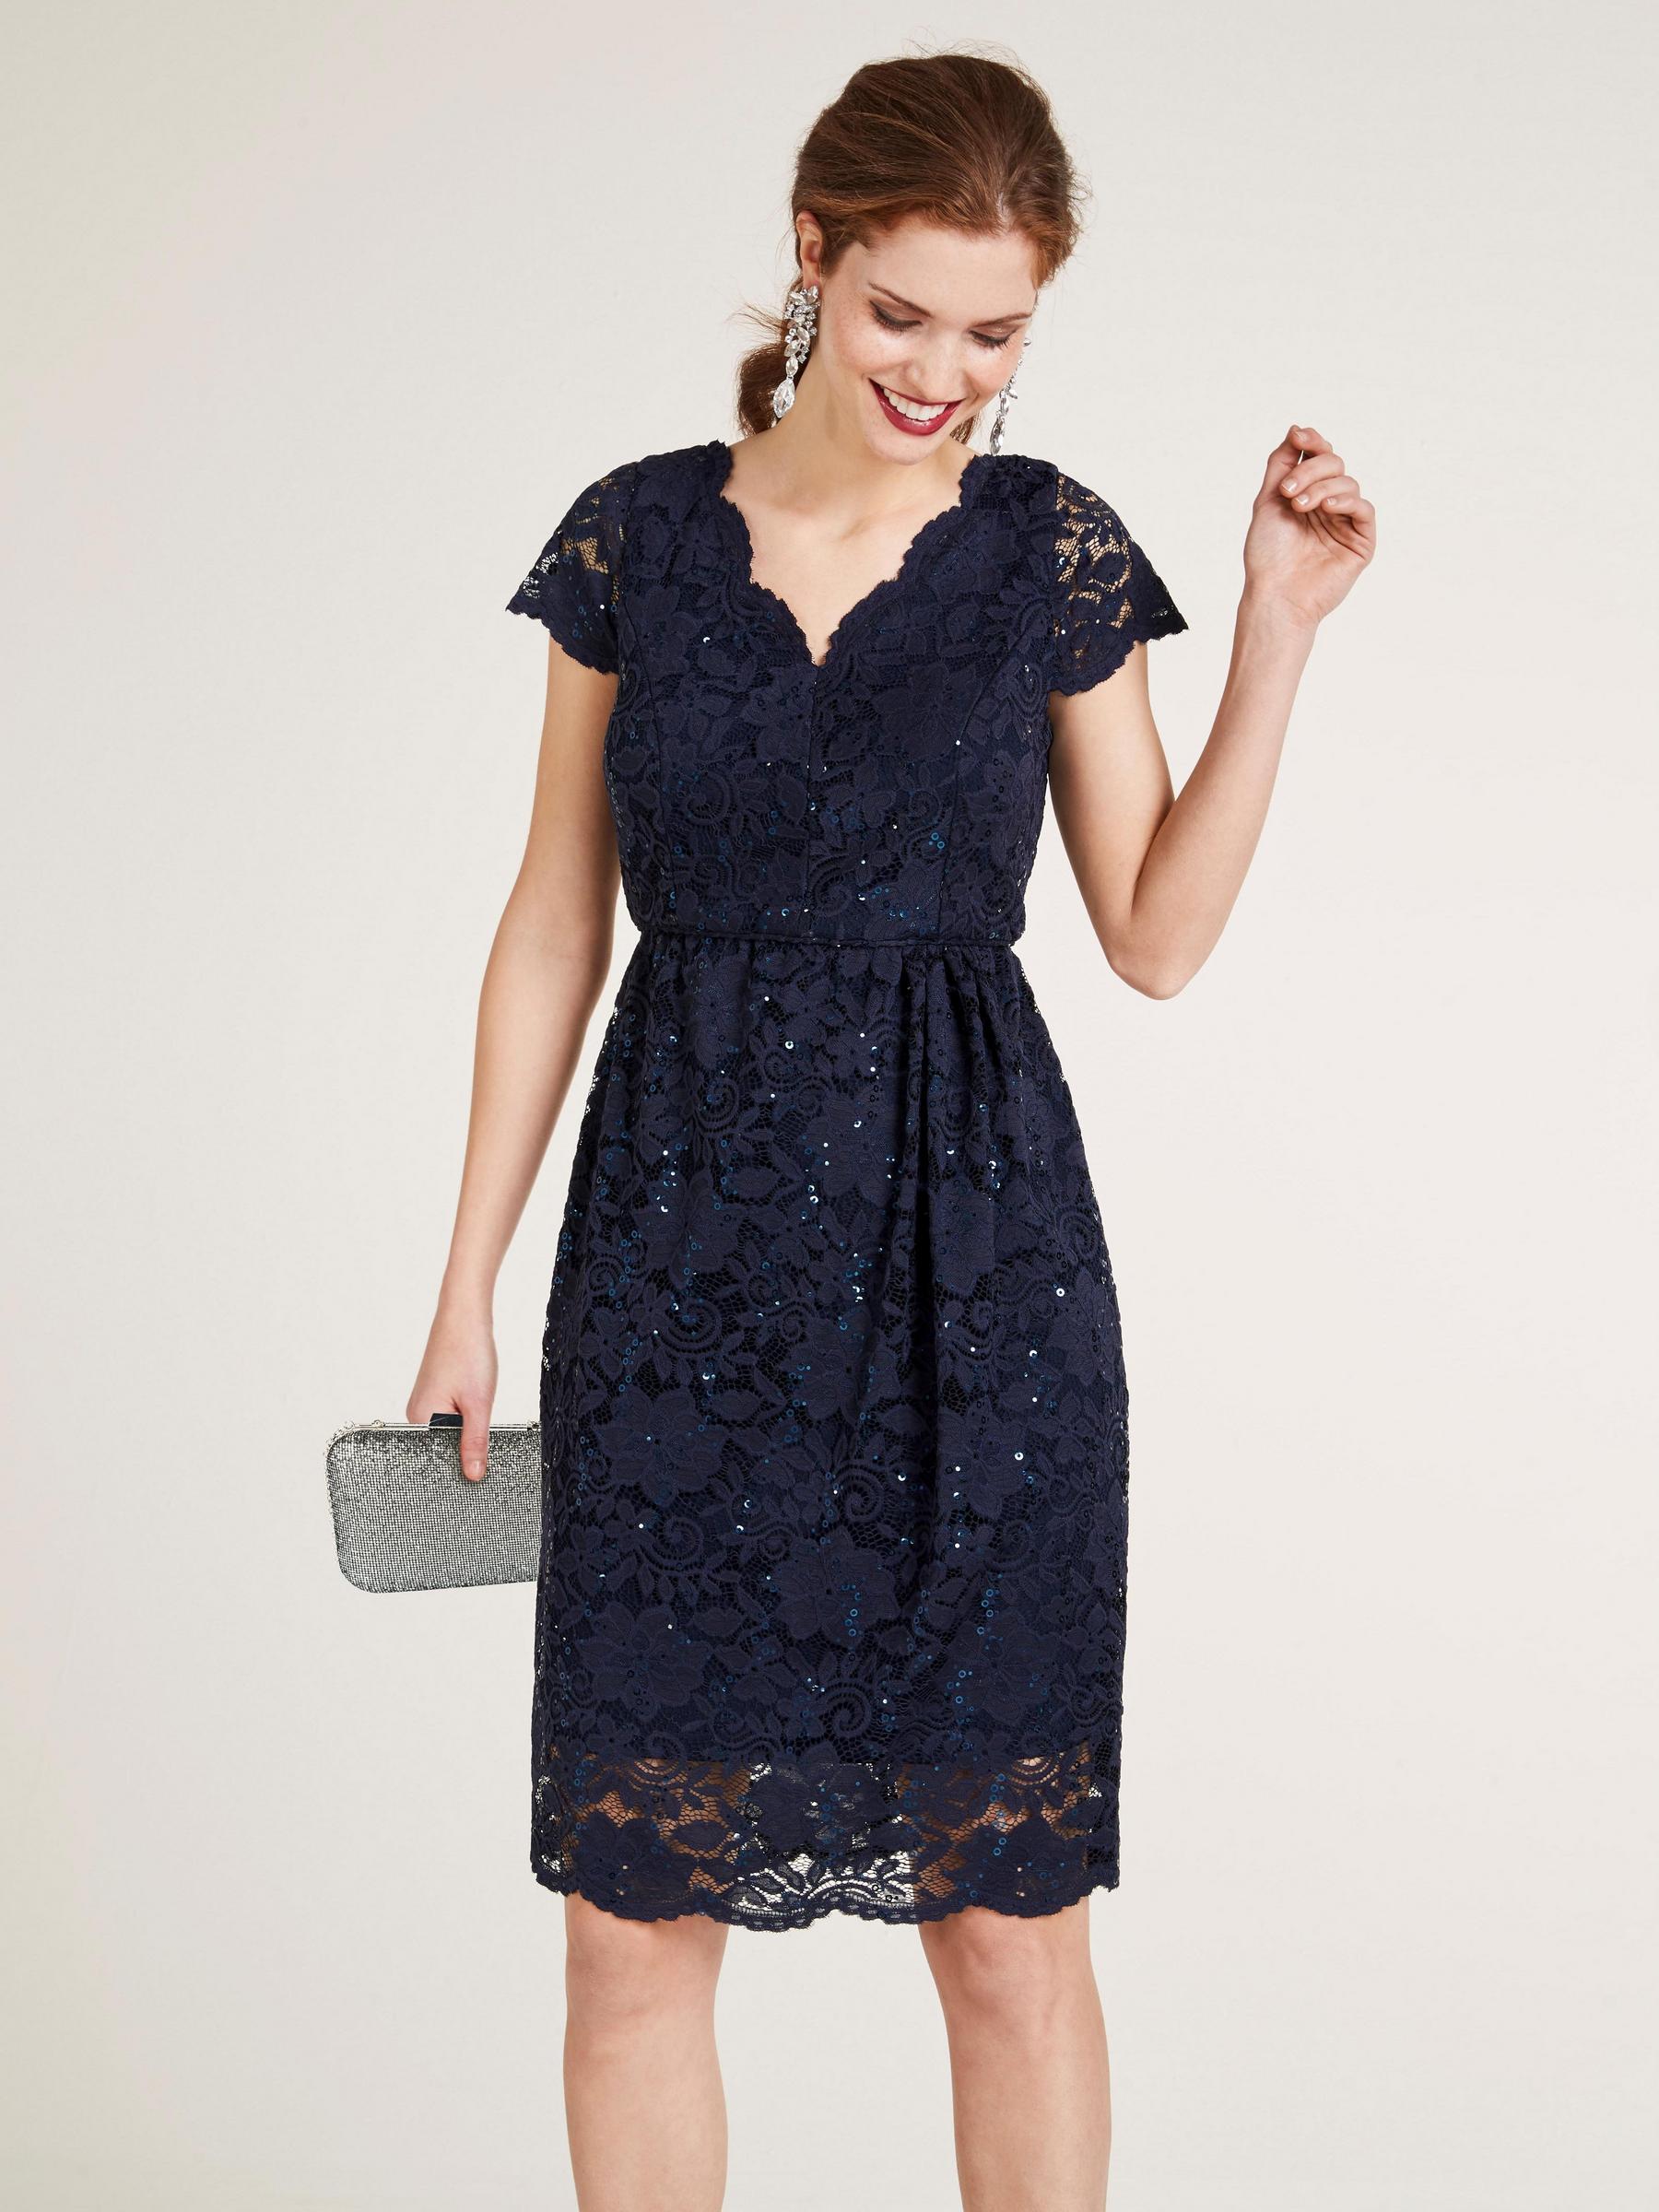 robe en dentelle bleu marine avec épaulettes et bas transparents pour soirée